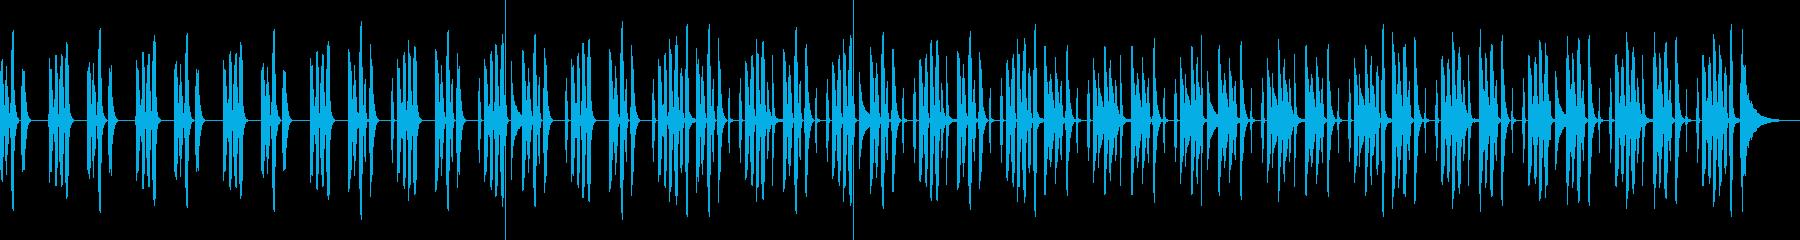 ほのぼの・日常・かわいい・リコーダーの再生済みの波形